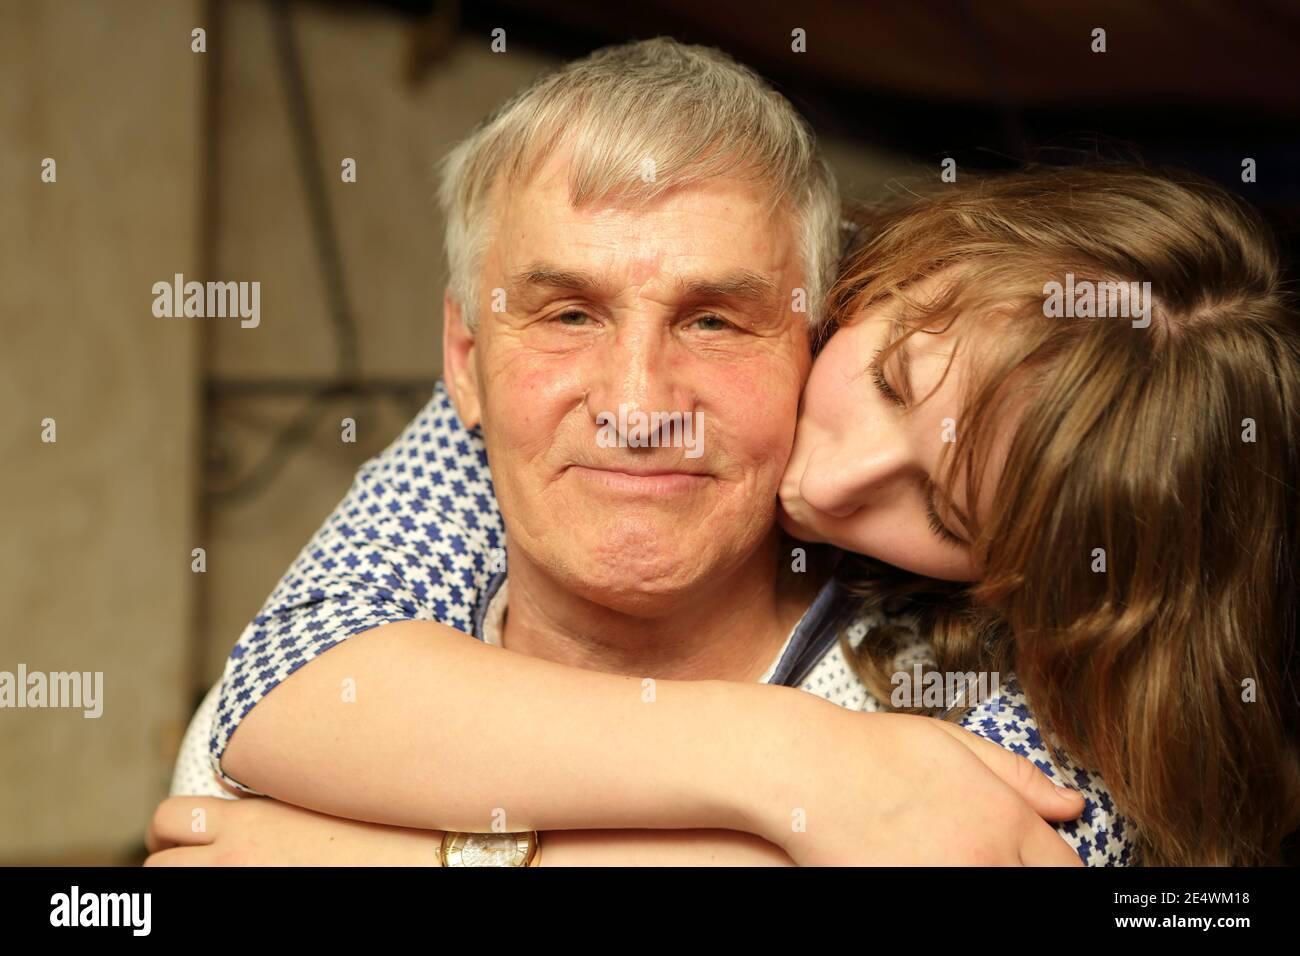 ¿Besarías al de arriba? - Página 2 La-nieta-besando-a-su-abuelo-en-casa-2e4wm18